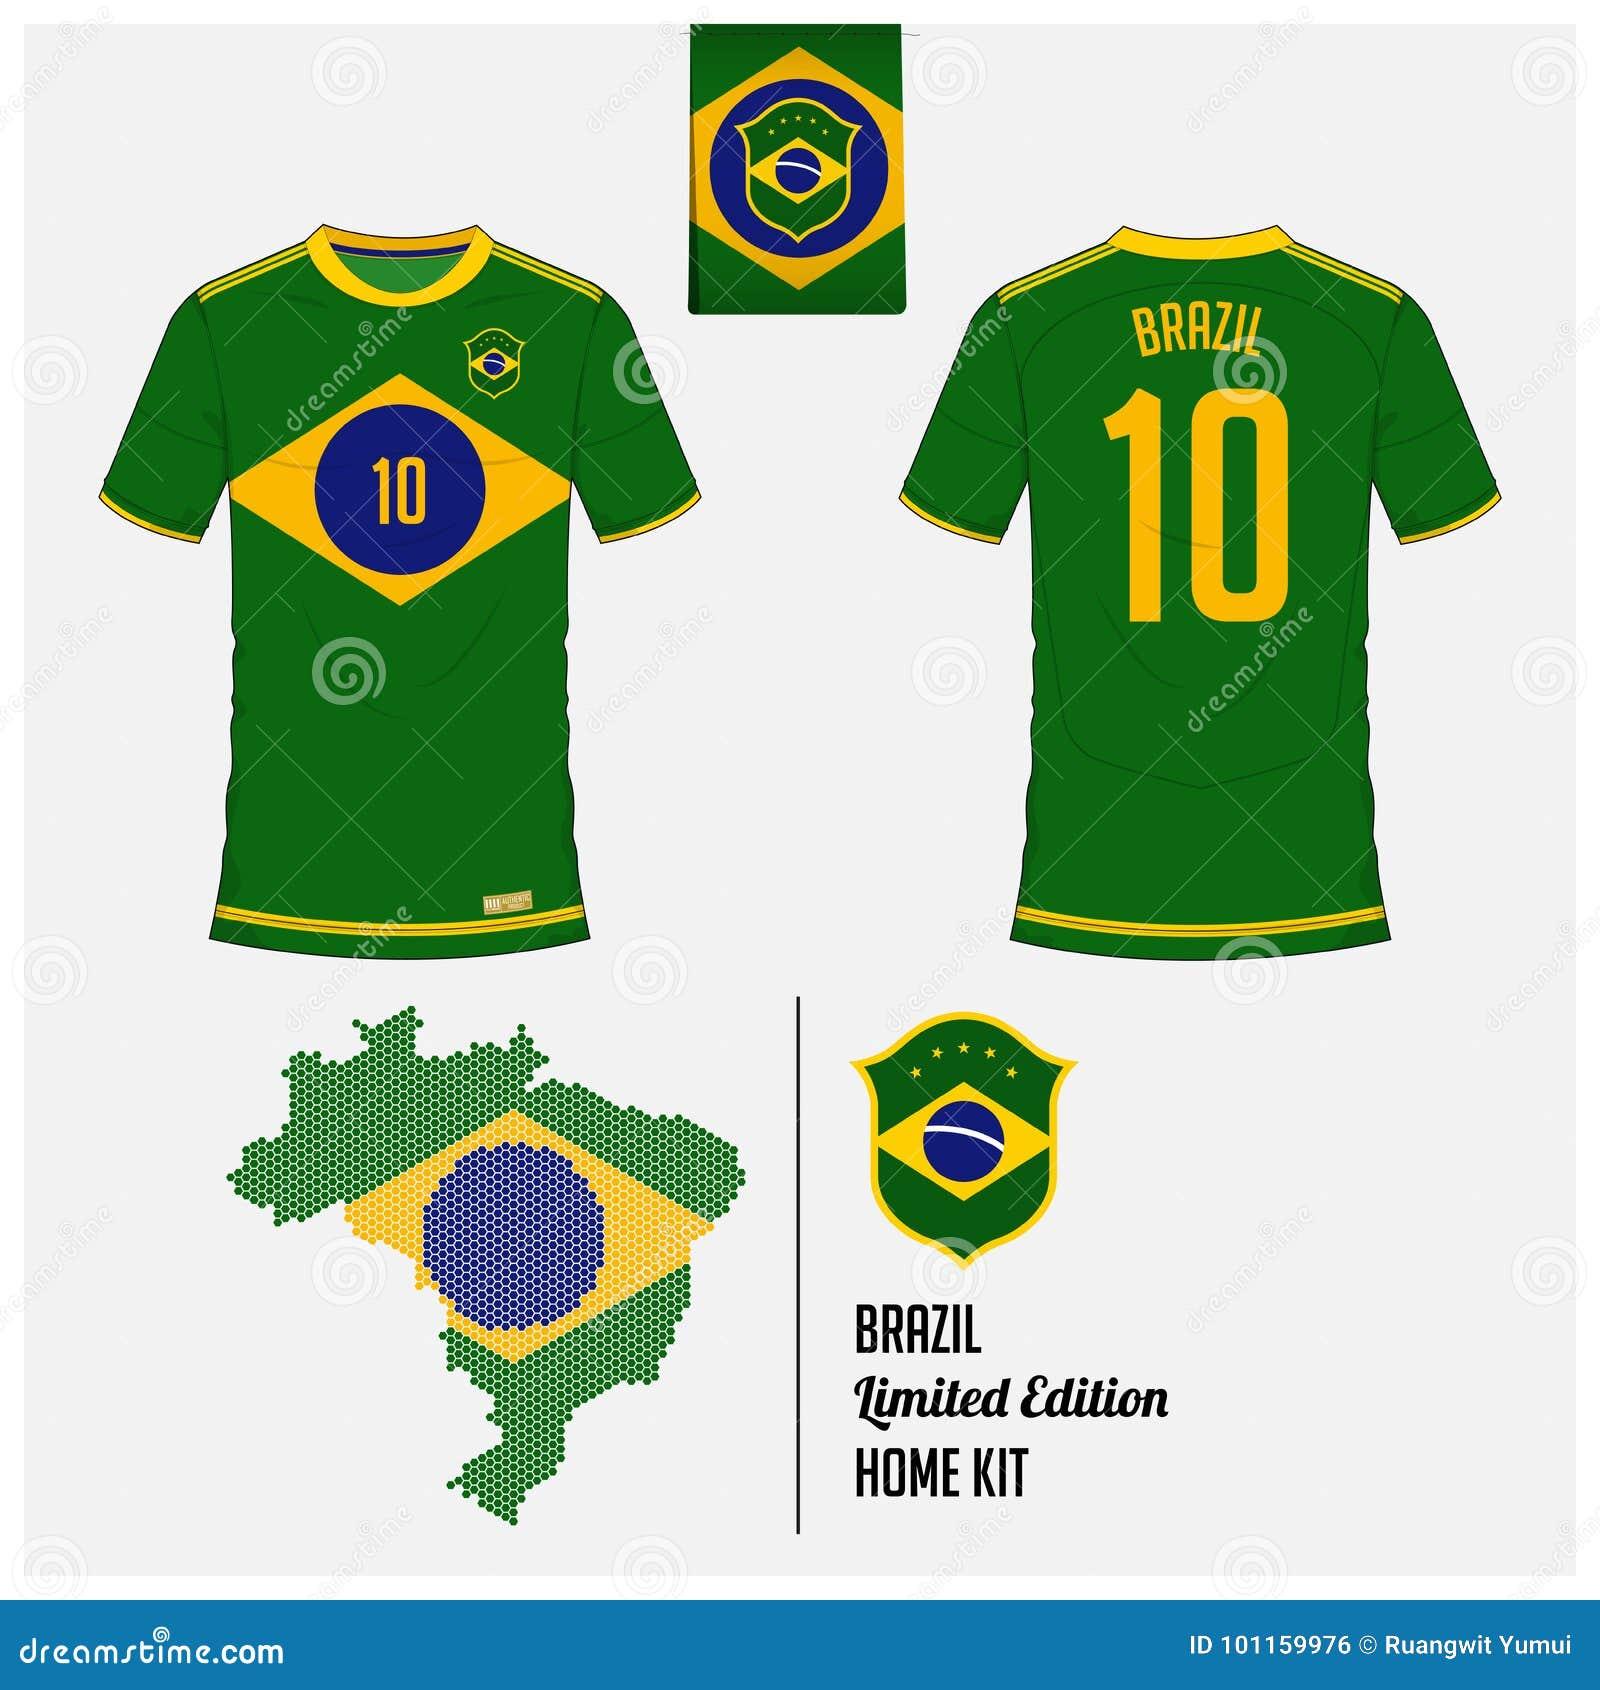 7258df7b366 Soccer jersey or football kit, template for Brazil National Football Team.  Flat football logo on Brazil flag label.